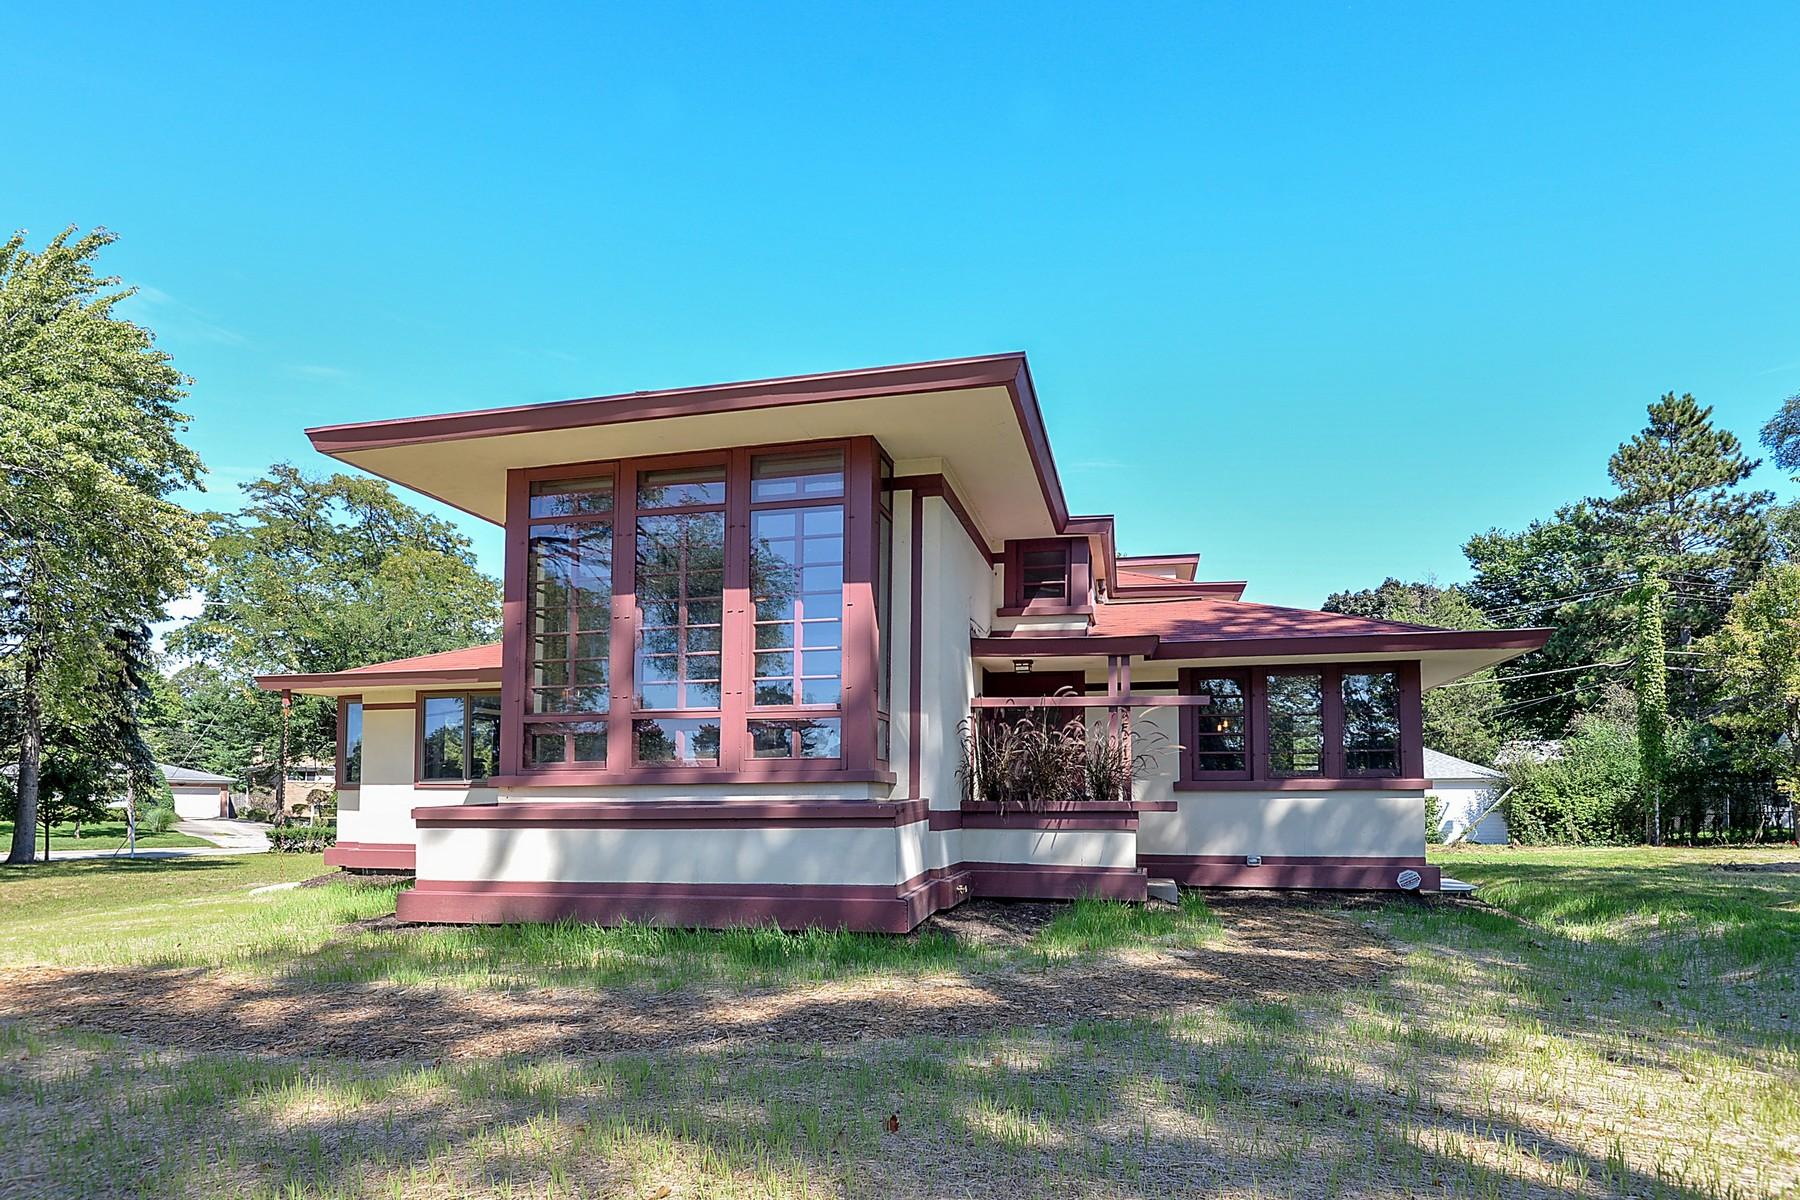 Maison unifamiliale pour l Vente à The House That Moved 2771 Crawford Avenue Evanston, Illinois, 60201 États-Unis